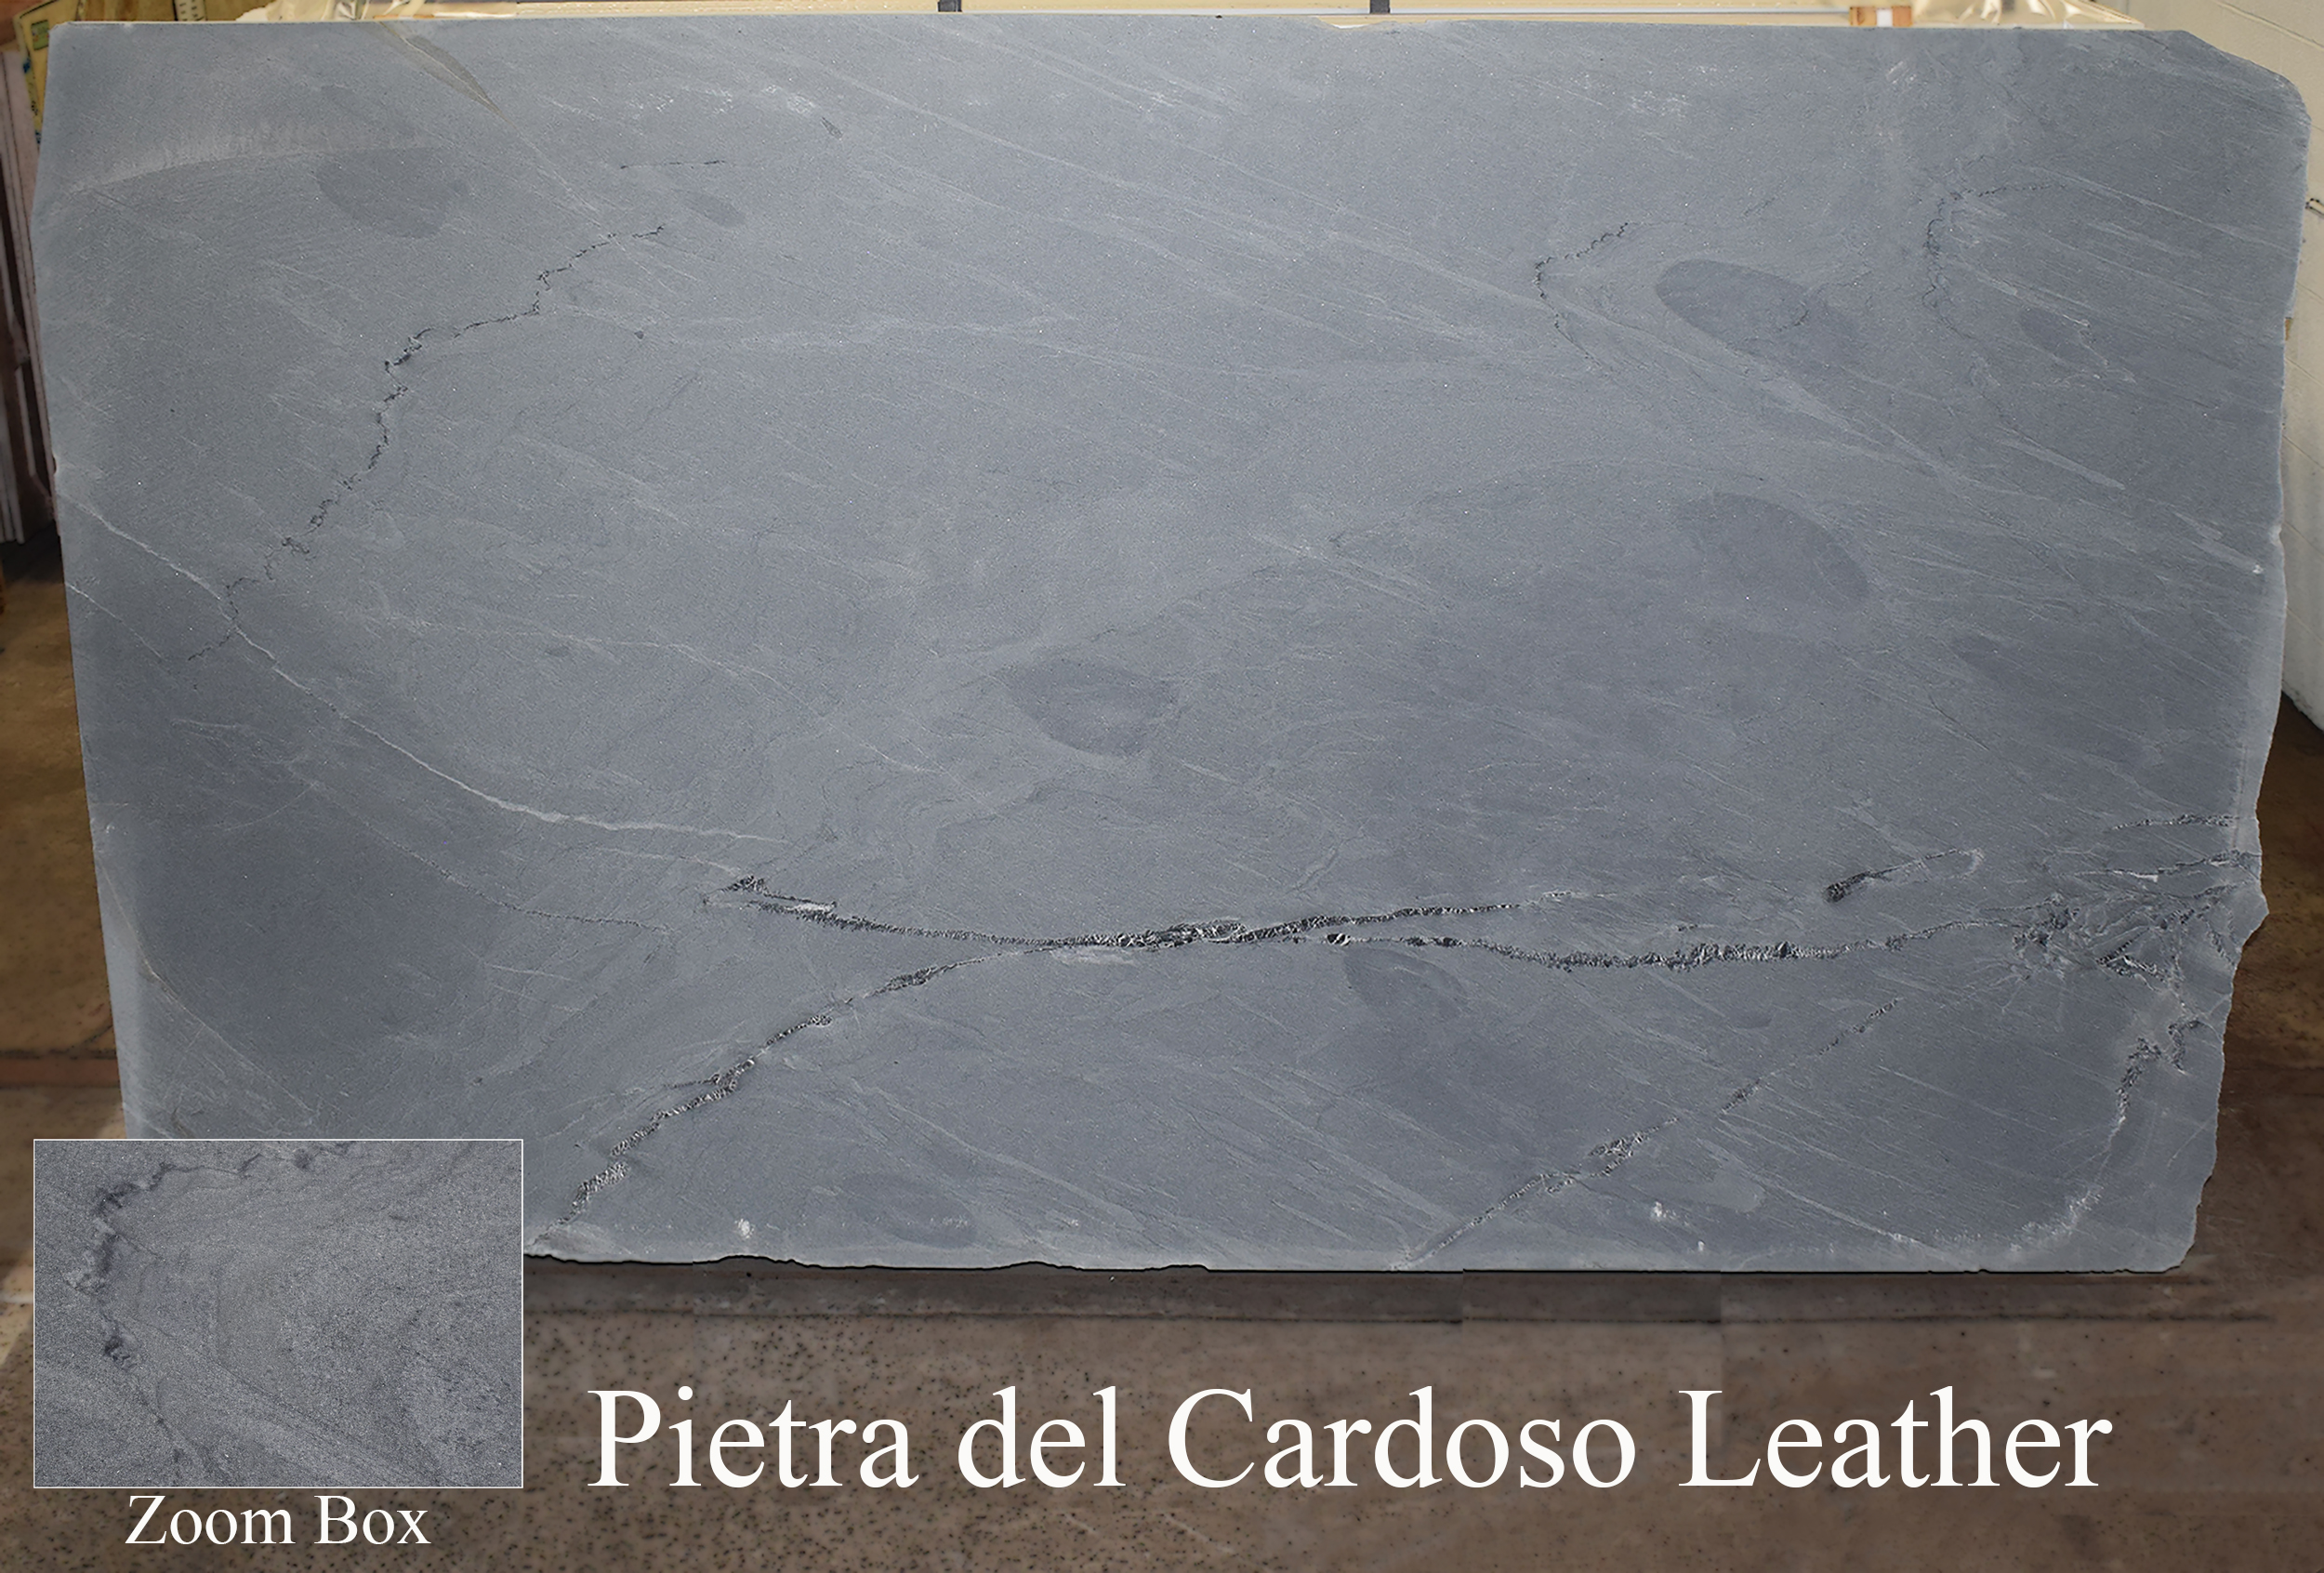 PIETRA DEL CARDOSO LEATHER